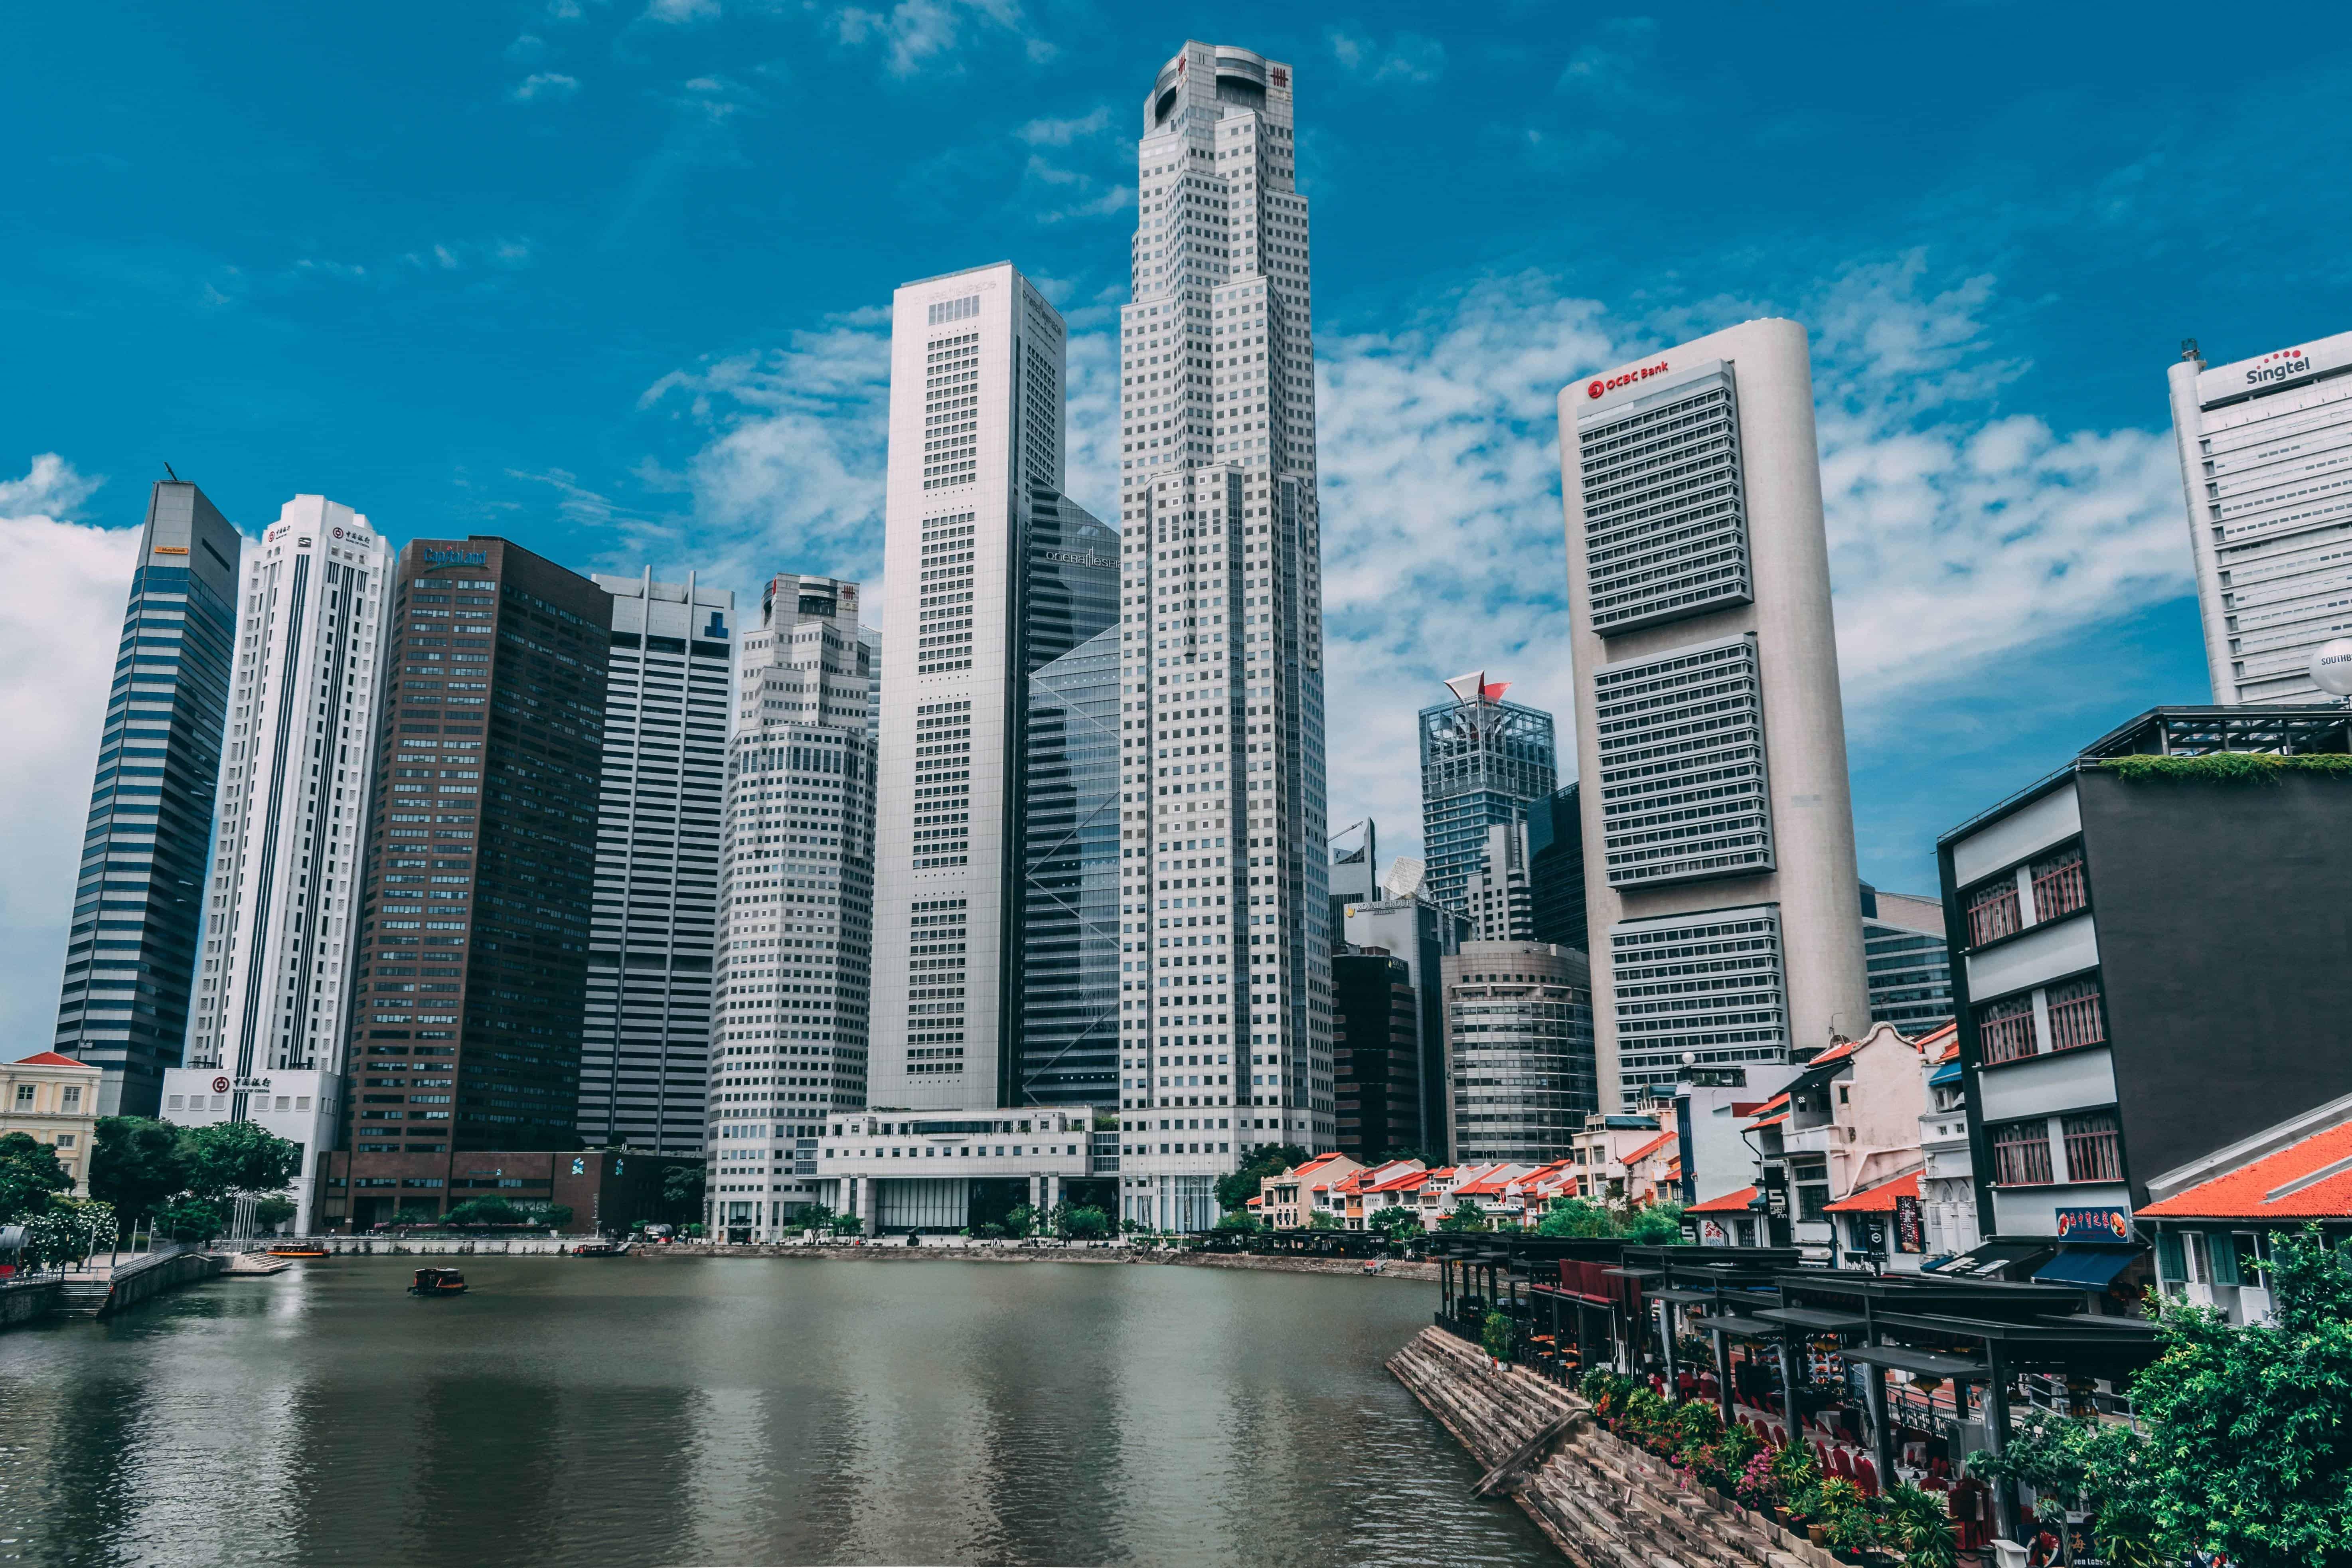 Instituciones financieras: qué son y cómo se clasifican